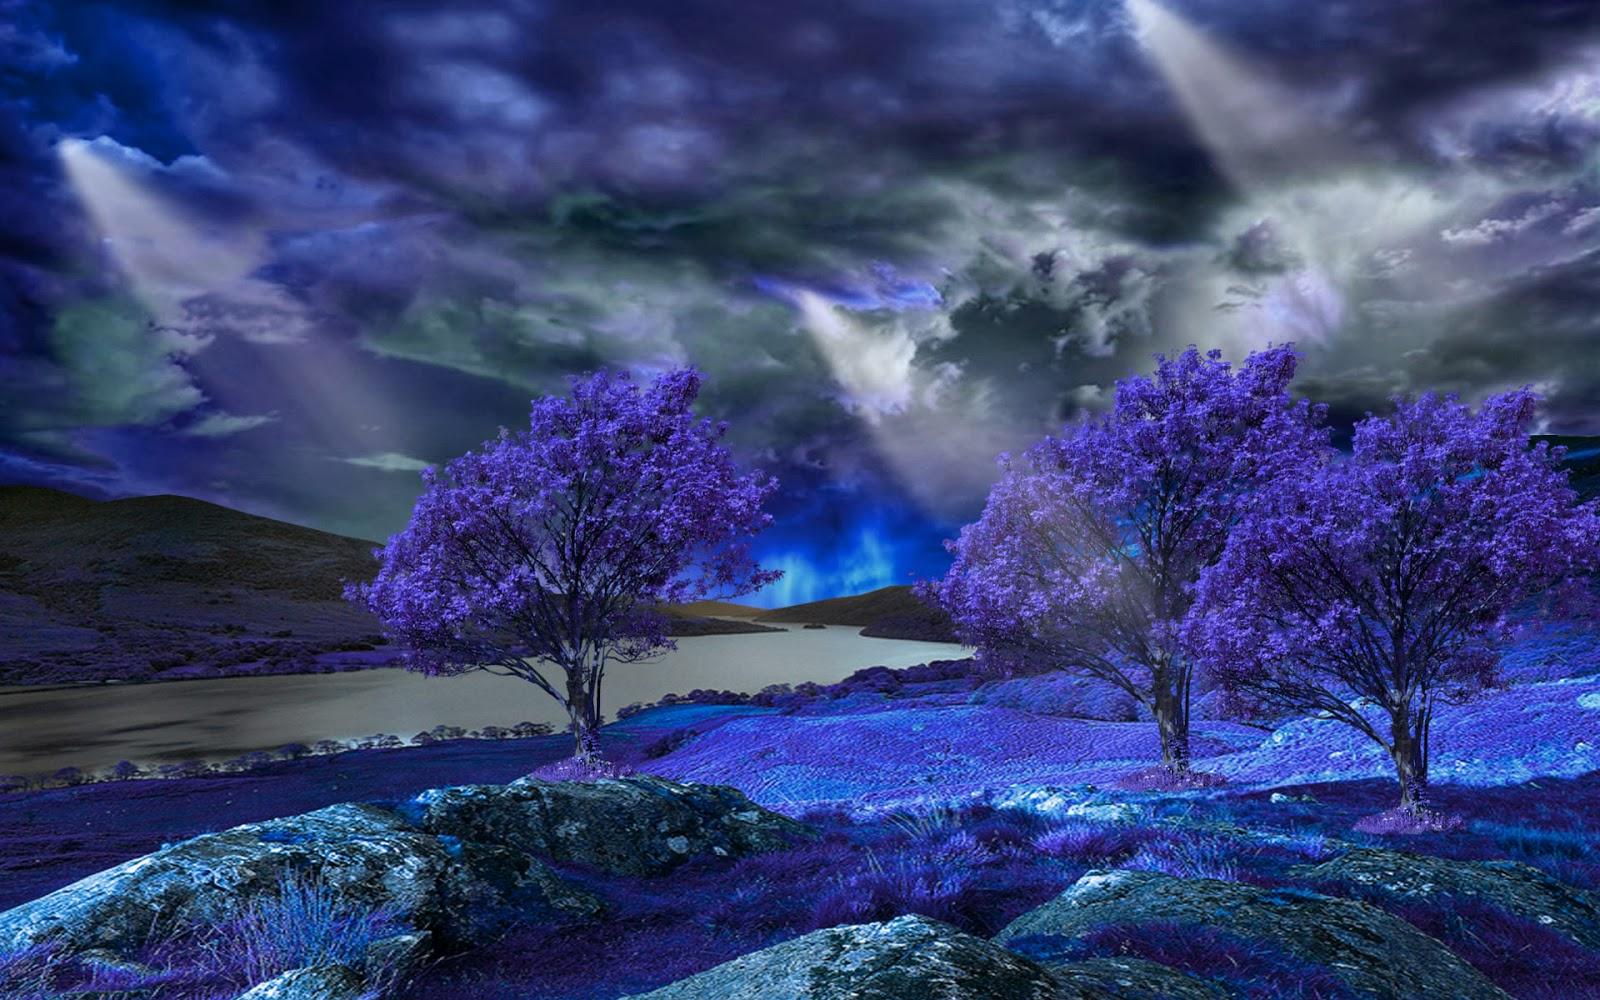 Cảnh thiên nhiên ảo diệu với cây hoa màu tím